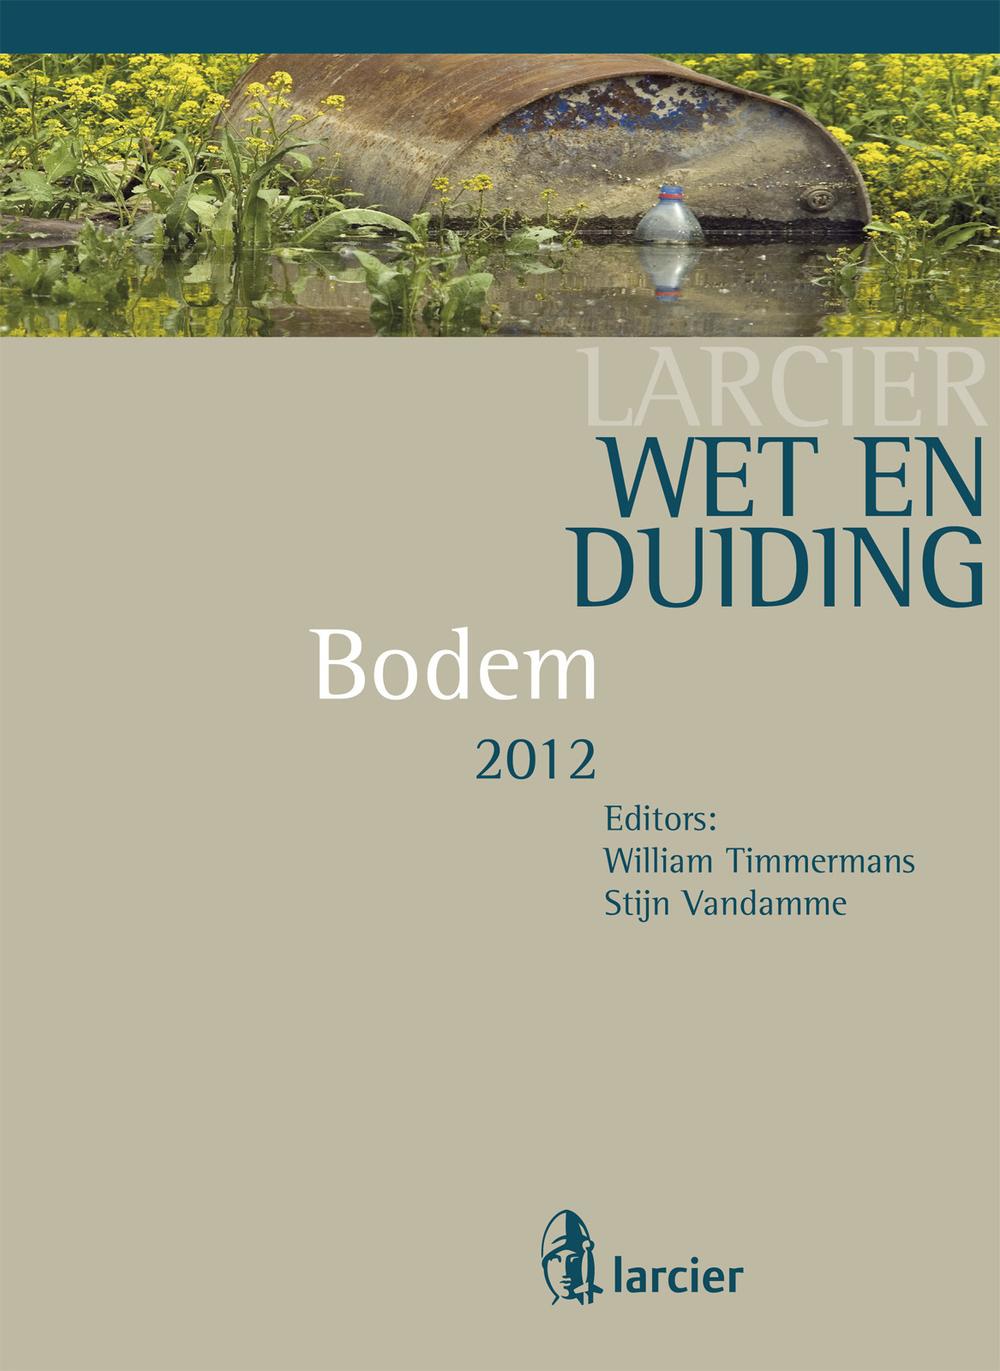 Wet & Duiding Bodem